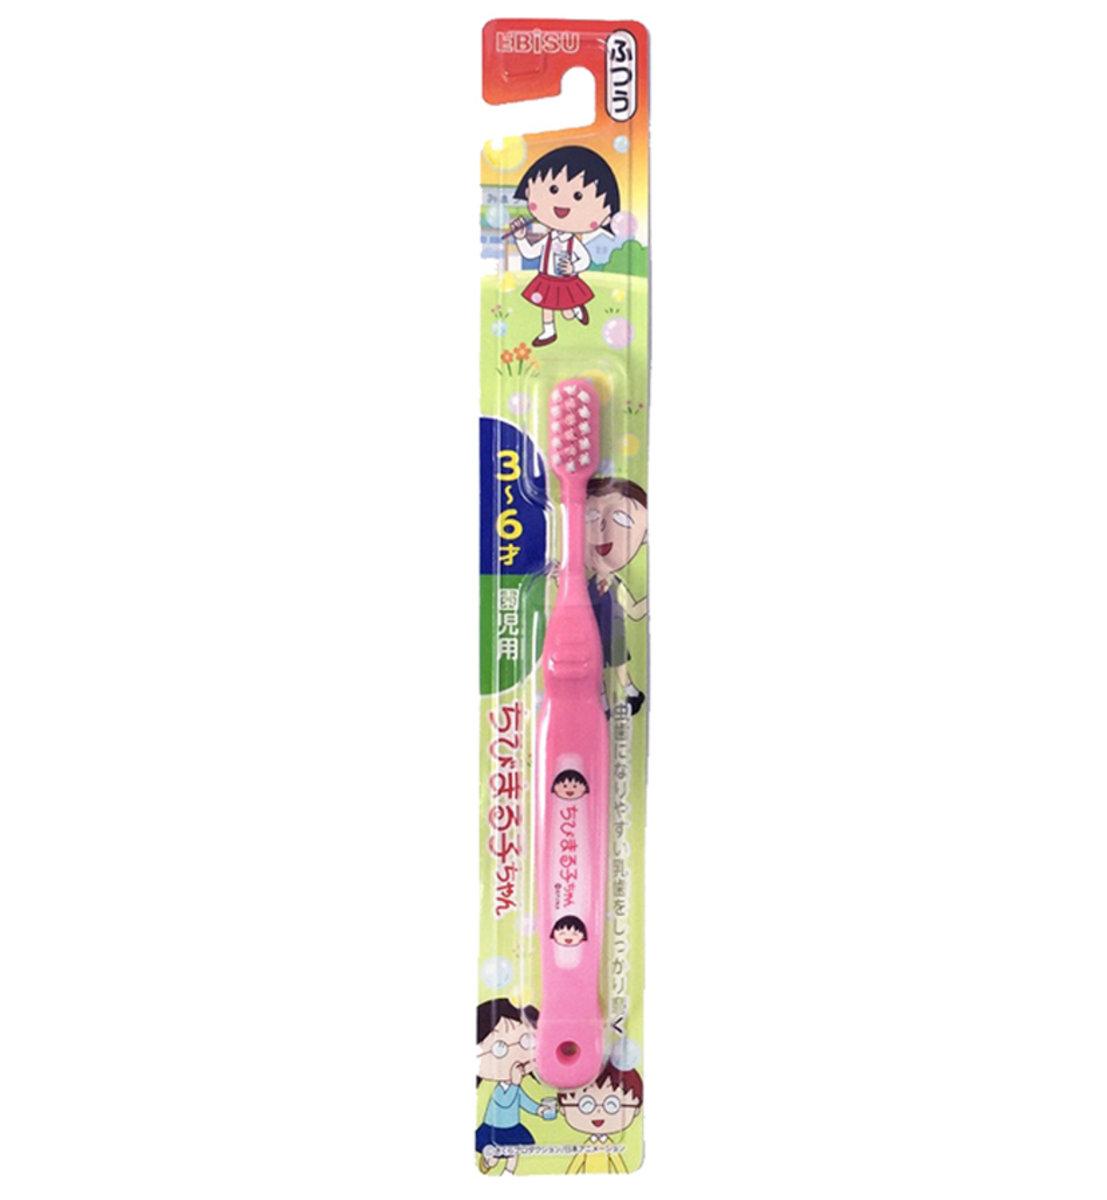 3-6歲幼童牙刷 (櫻桃小丸子) - (顏色隨機發貨) x1支